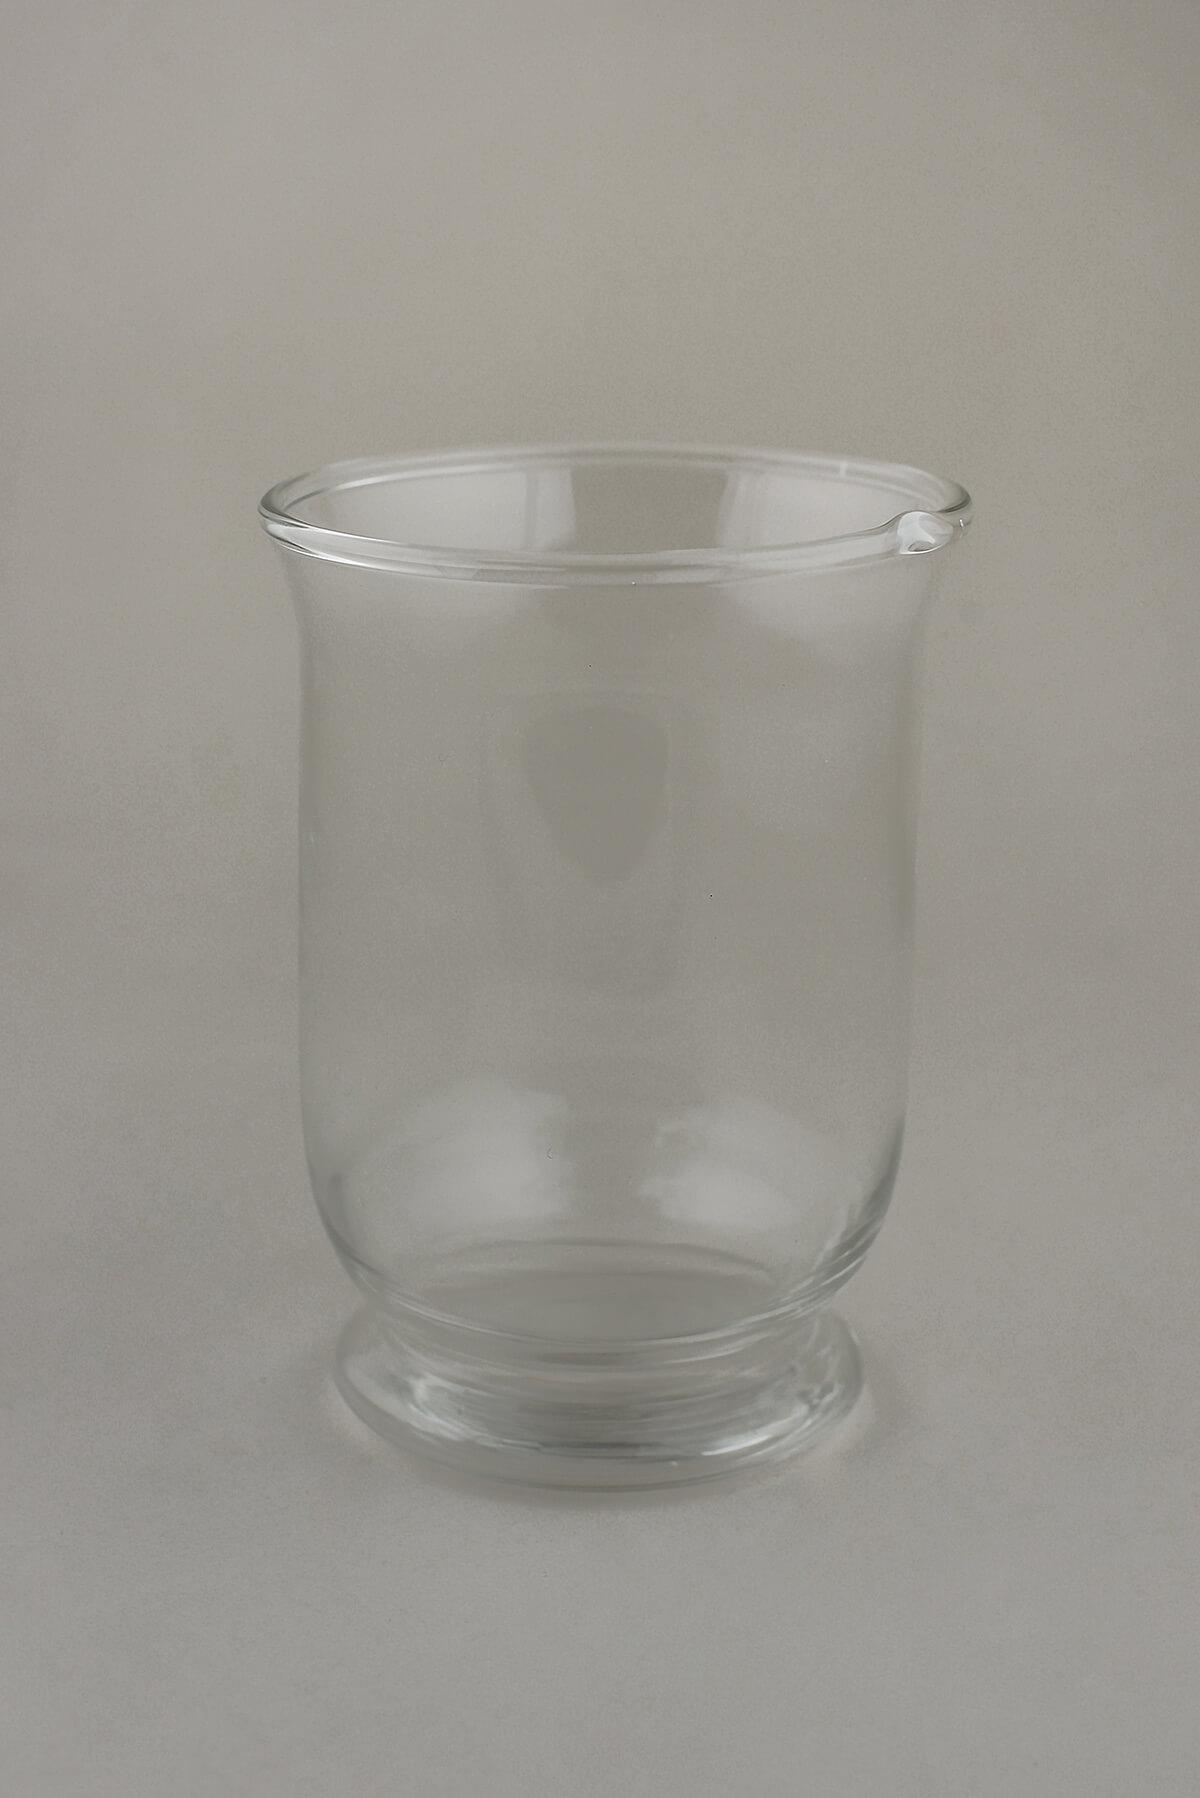 Glass Hurricane Vase Amp Candleholder